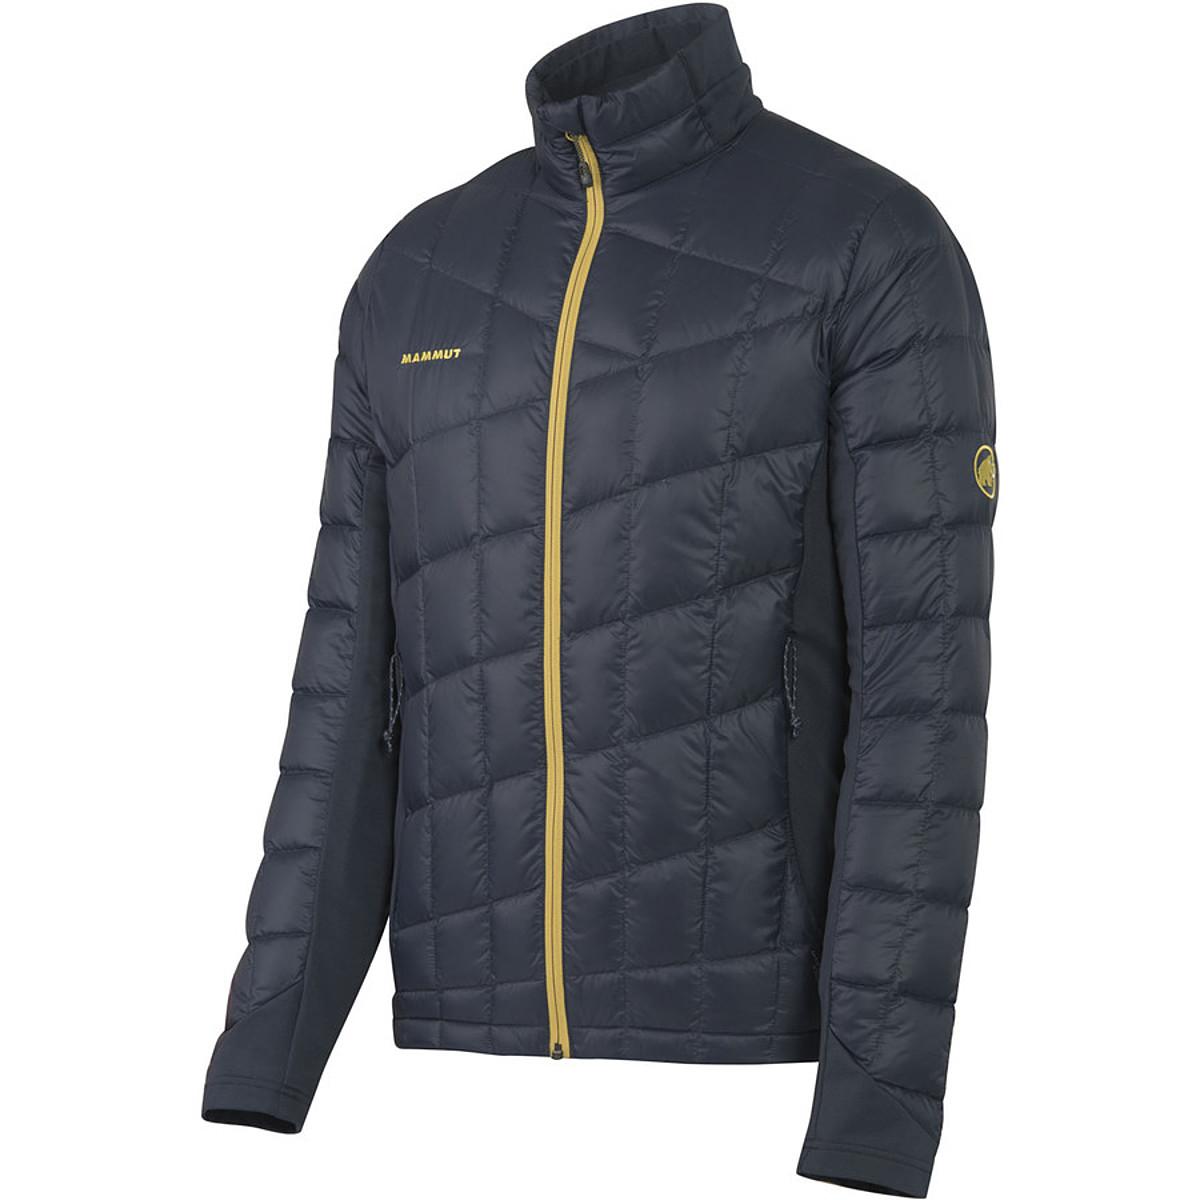 Mammut Flexidown Jacket